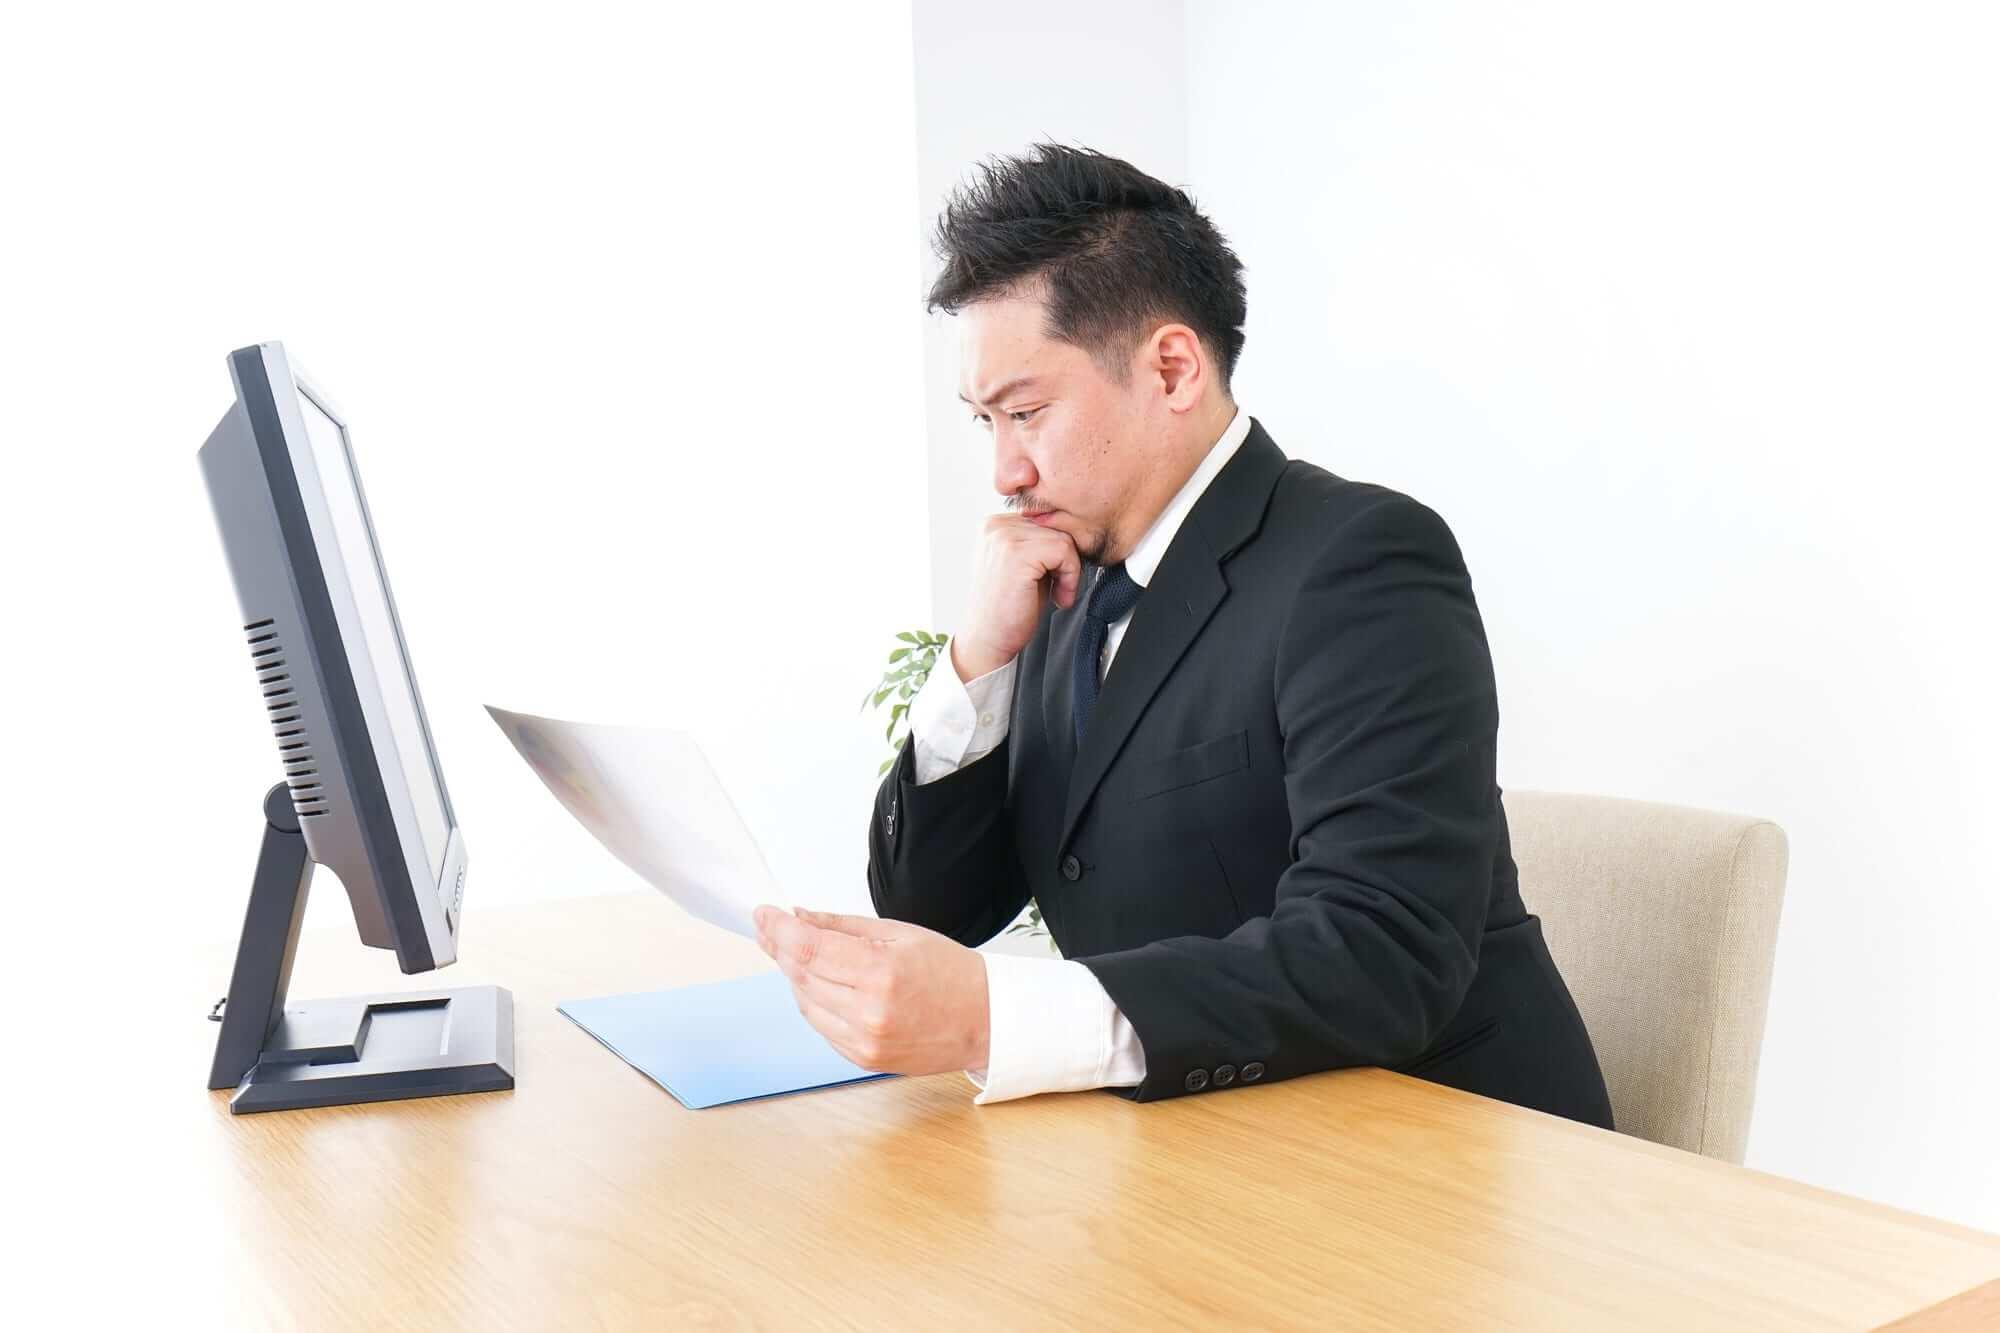 書類を見る男性